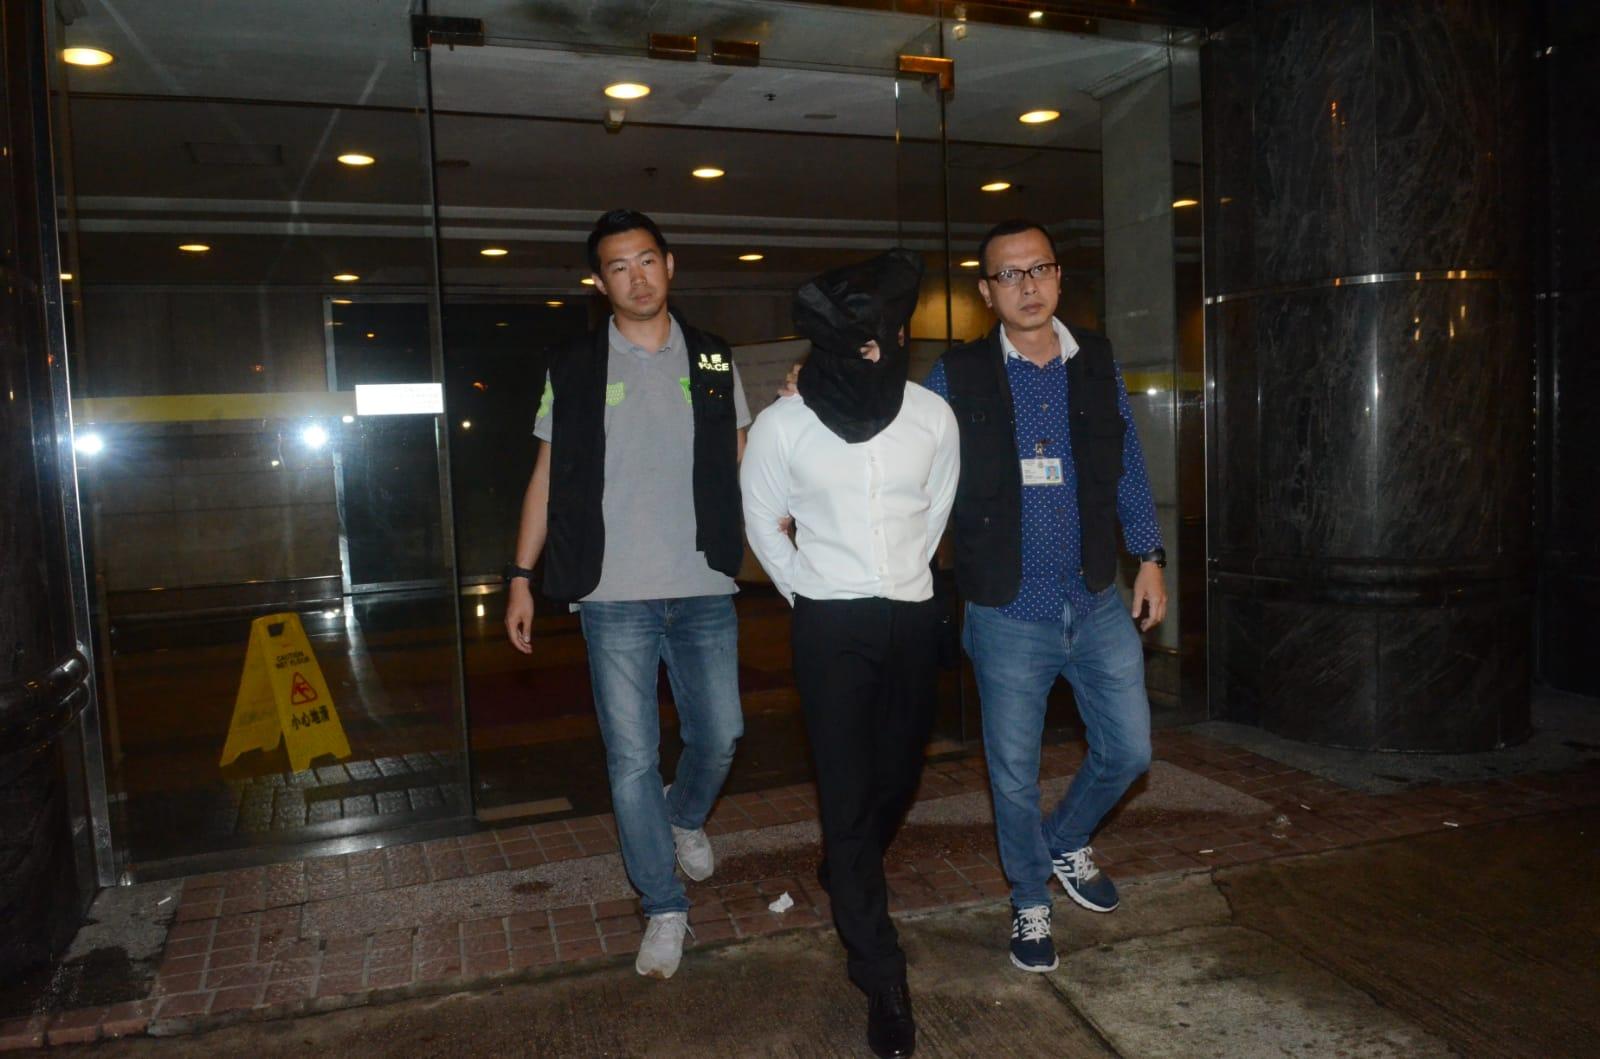 六名男女被騙250萬元,警方拘捕一名男子涉嫌串謀詐騙。